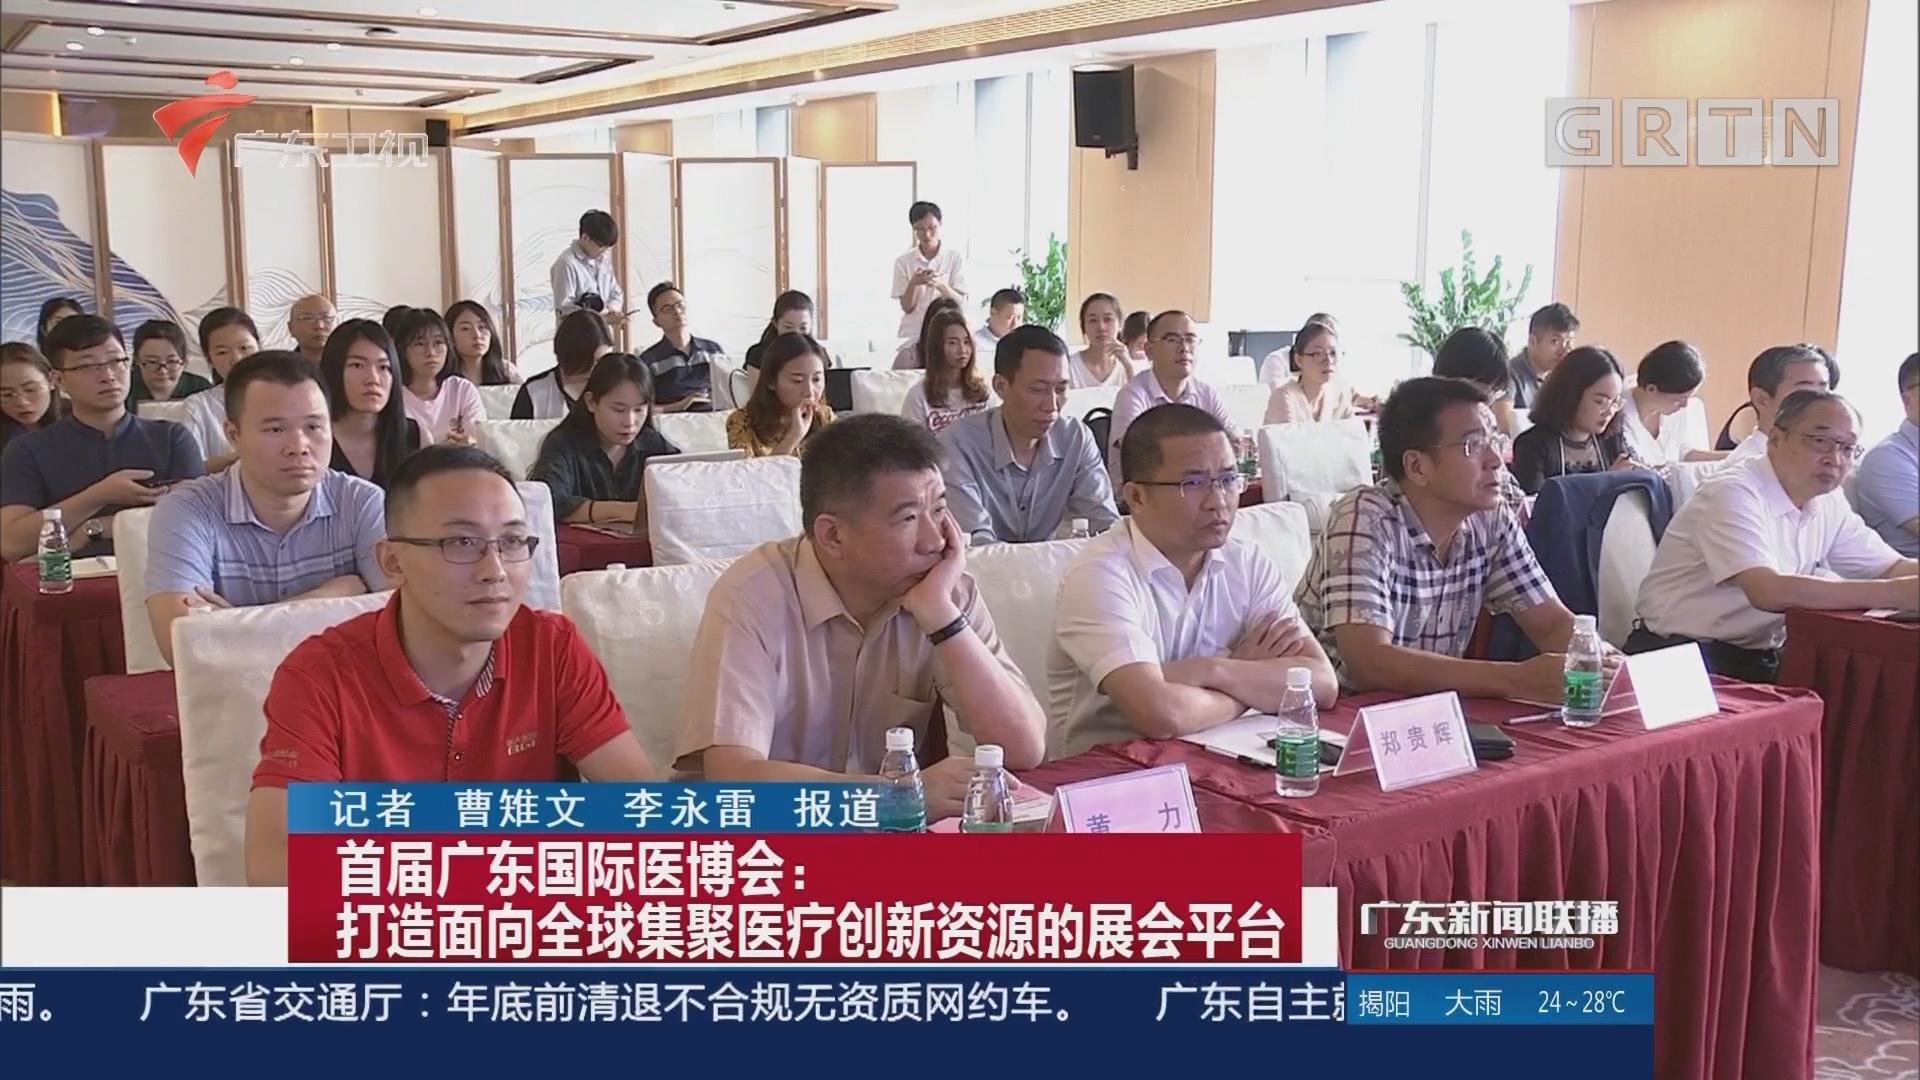 首届广东国际医博会:打造面向全球集聚医疗创新资源的展会平台